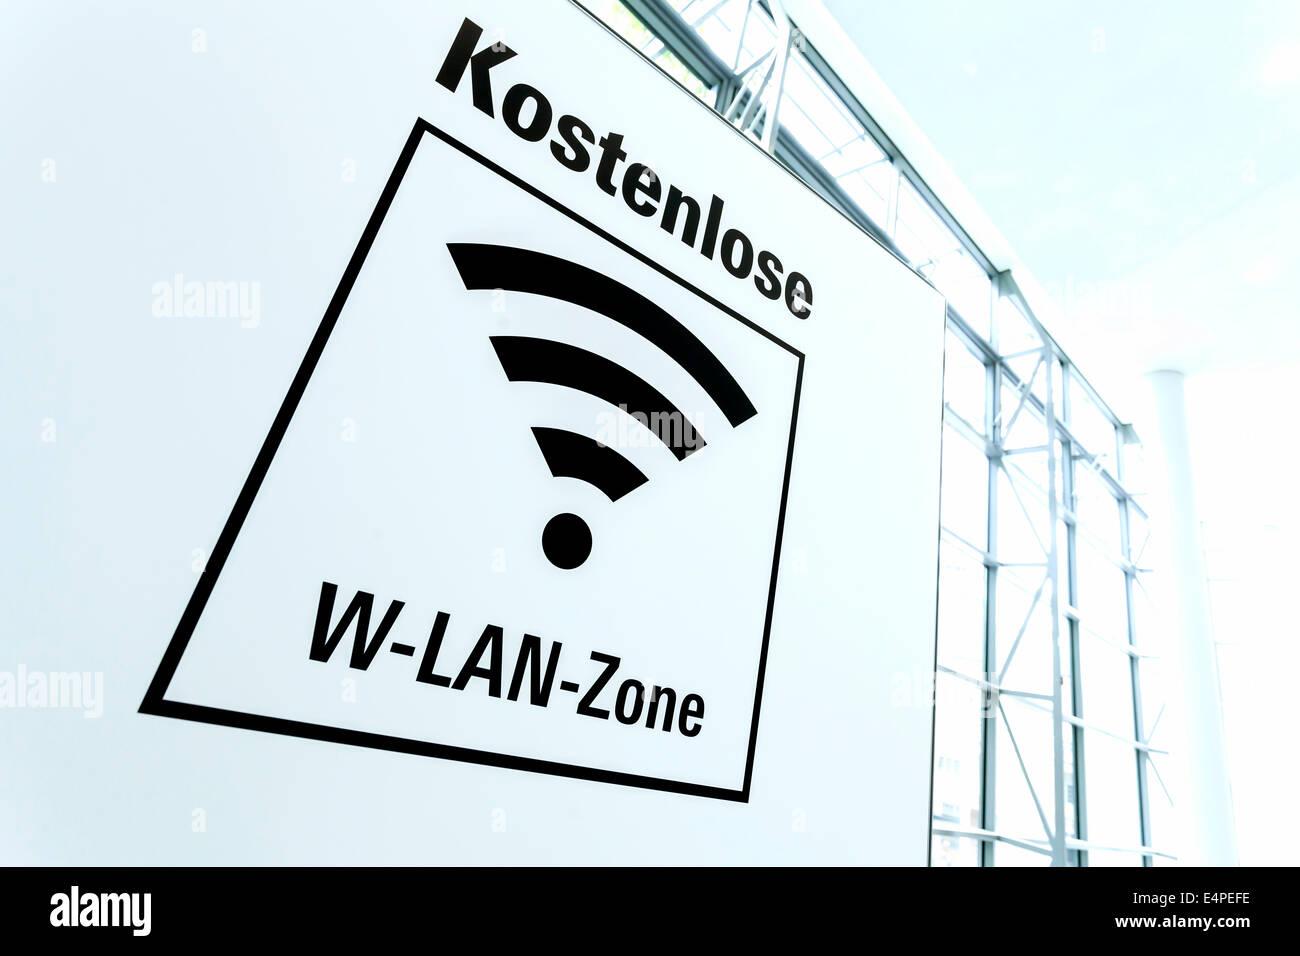 Firmar, zona Wi-Fi gratuita, Alemania Imagen De Stock